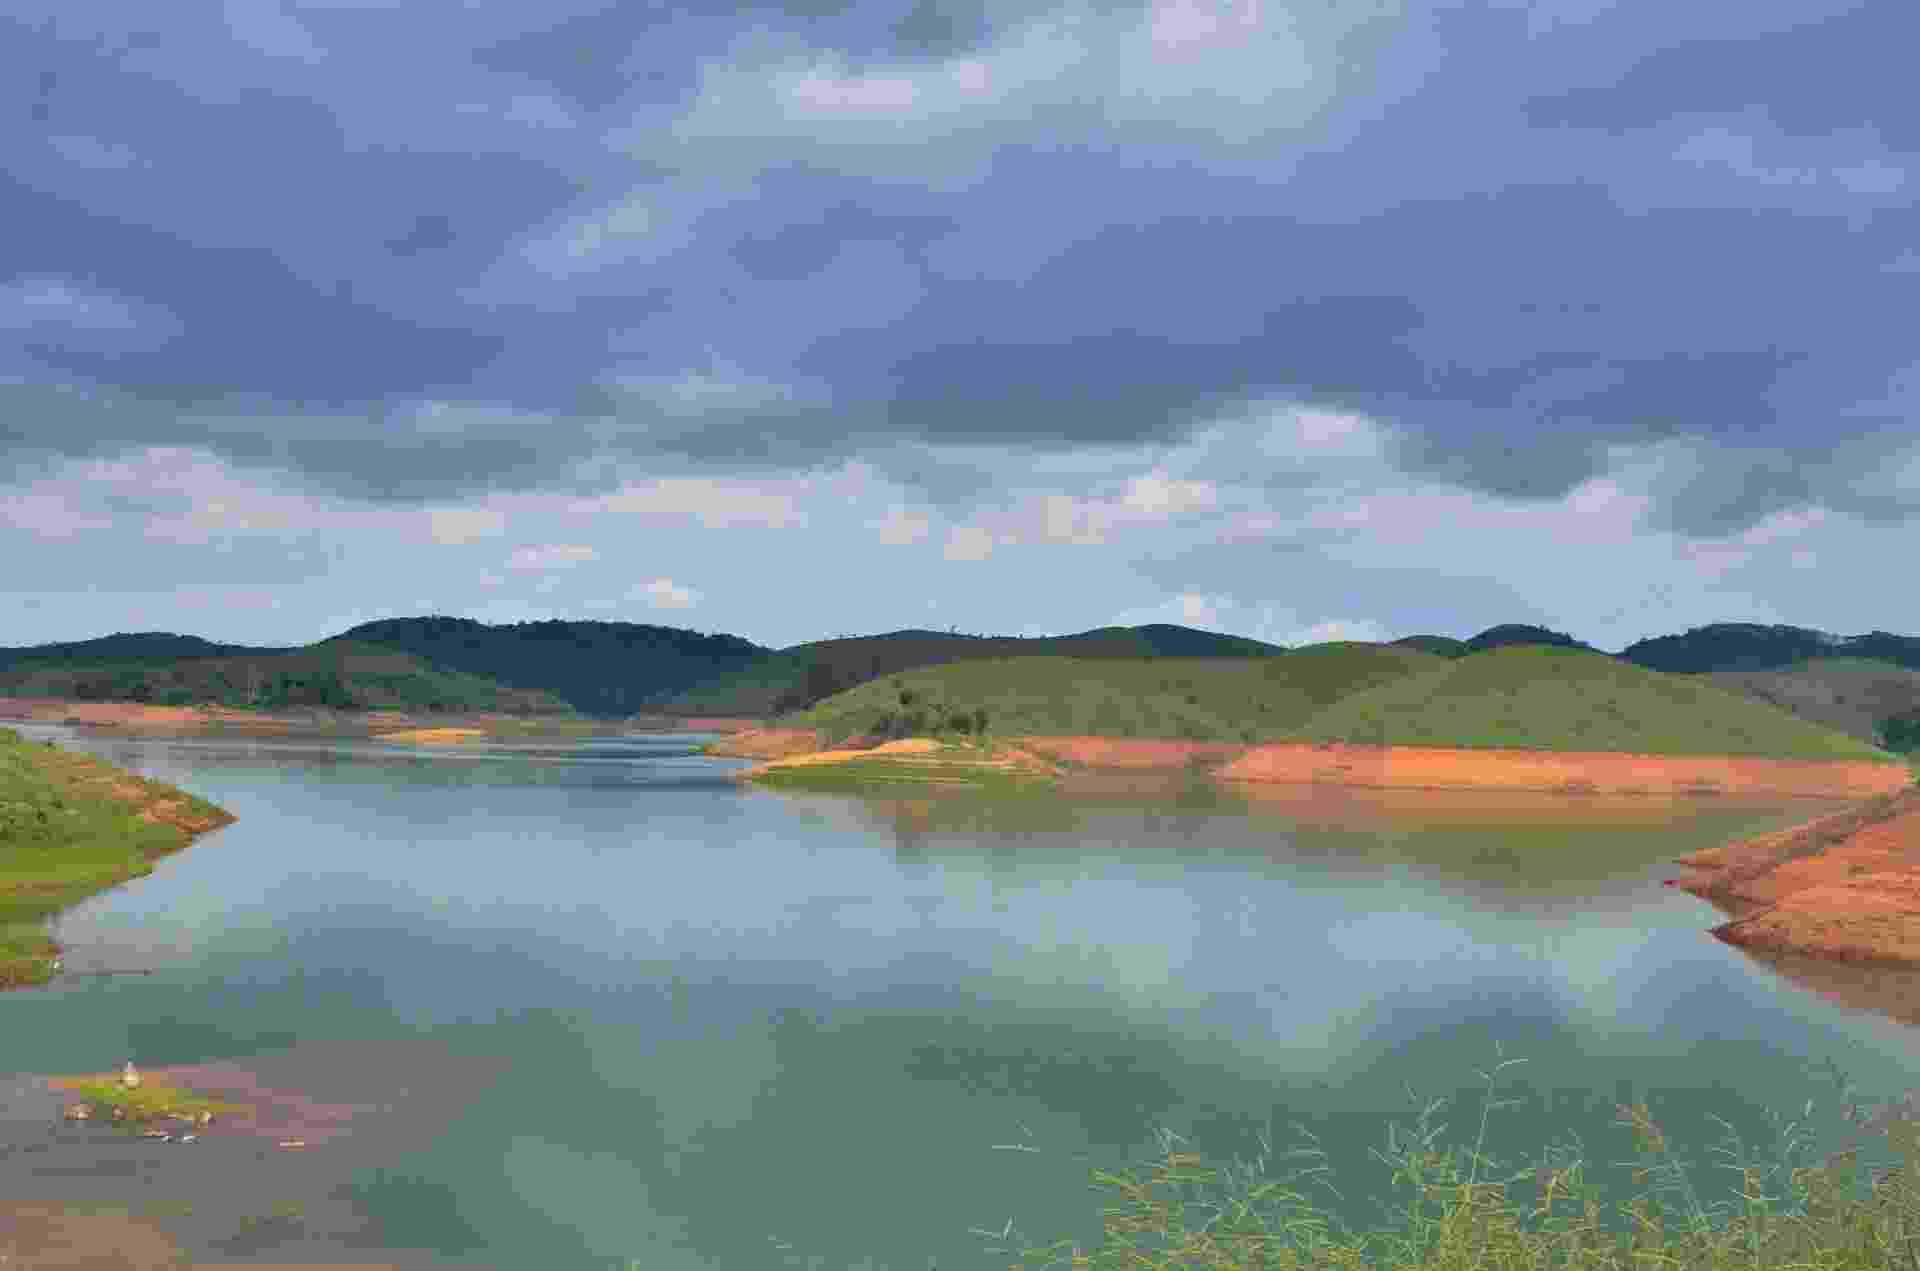 10.dez.2015 - O nível do sistema Cantareira, do qual a represa Jaguari (foto) faz parte, tem subido com o aumento da chuva na Grande São Paulo. Nesta quinta-feira, a capacidade do sistema chegou a 22,9%, segundo a Sabesp. Porém, a situação ainda está longe da normalidade - Nilton Cardini/Estadão Conteúdo